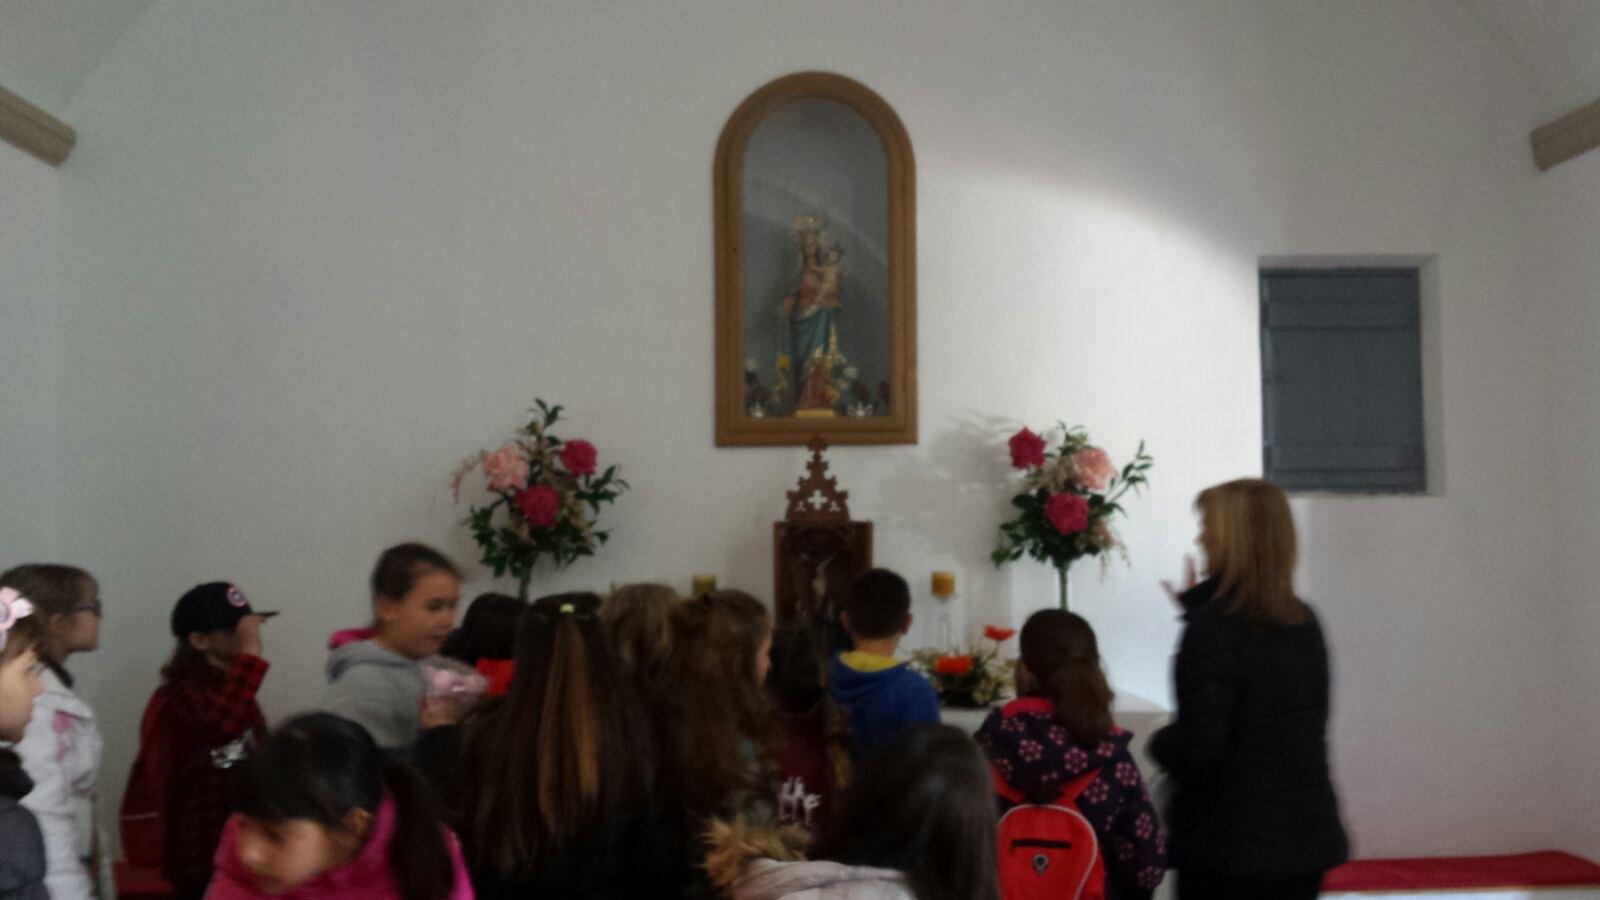 (2018-03-22) - Visita ermita alumnos Laura,3ºC, profesora religión Reina Sofia - Marzo -  María Isabel Berenguer Brotons (10)